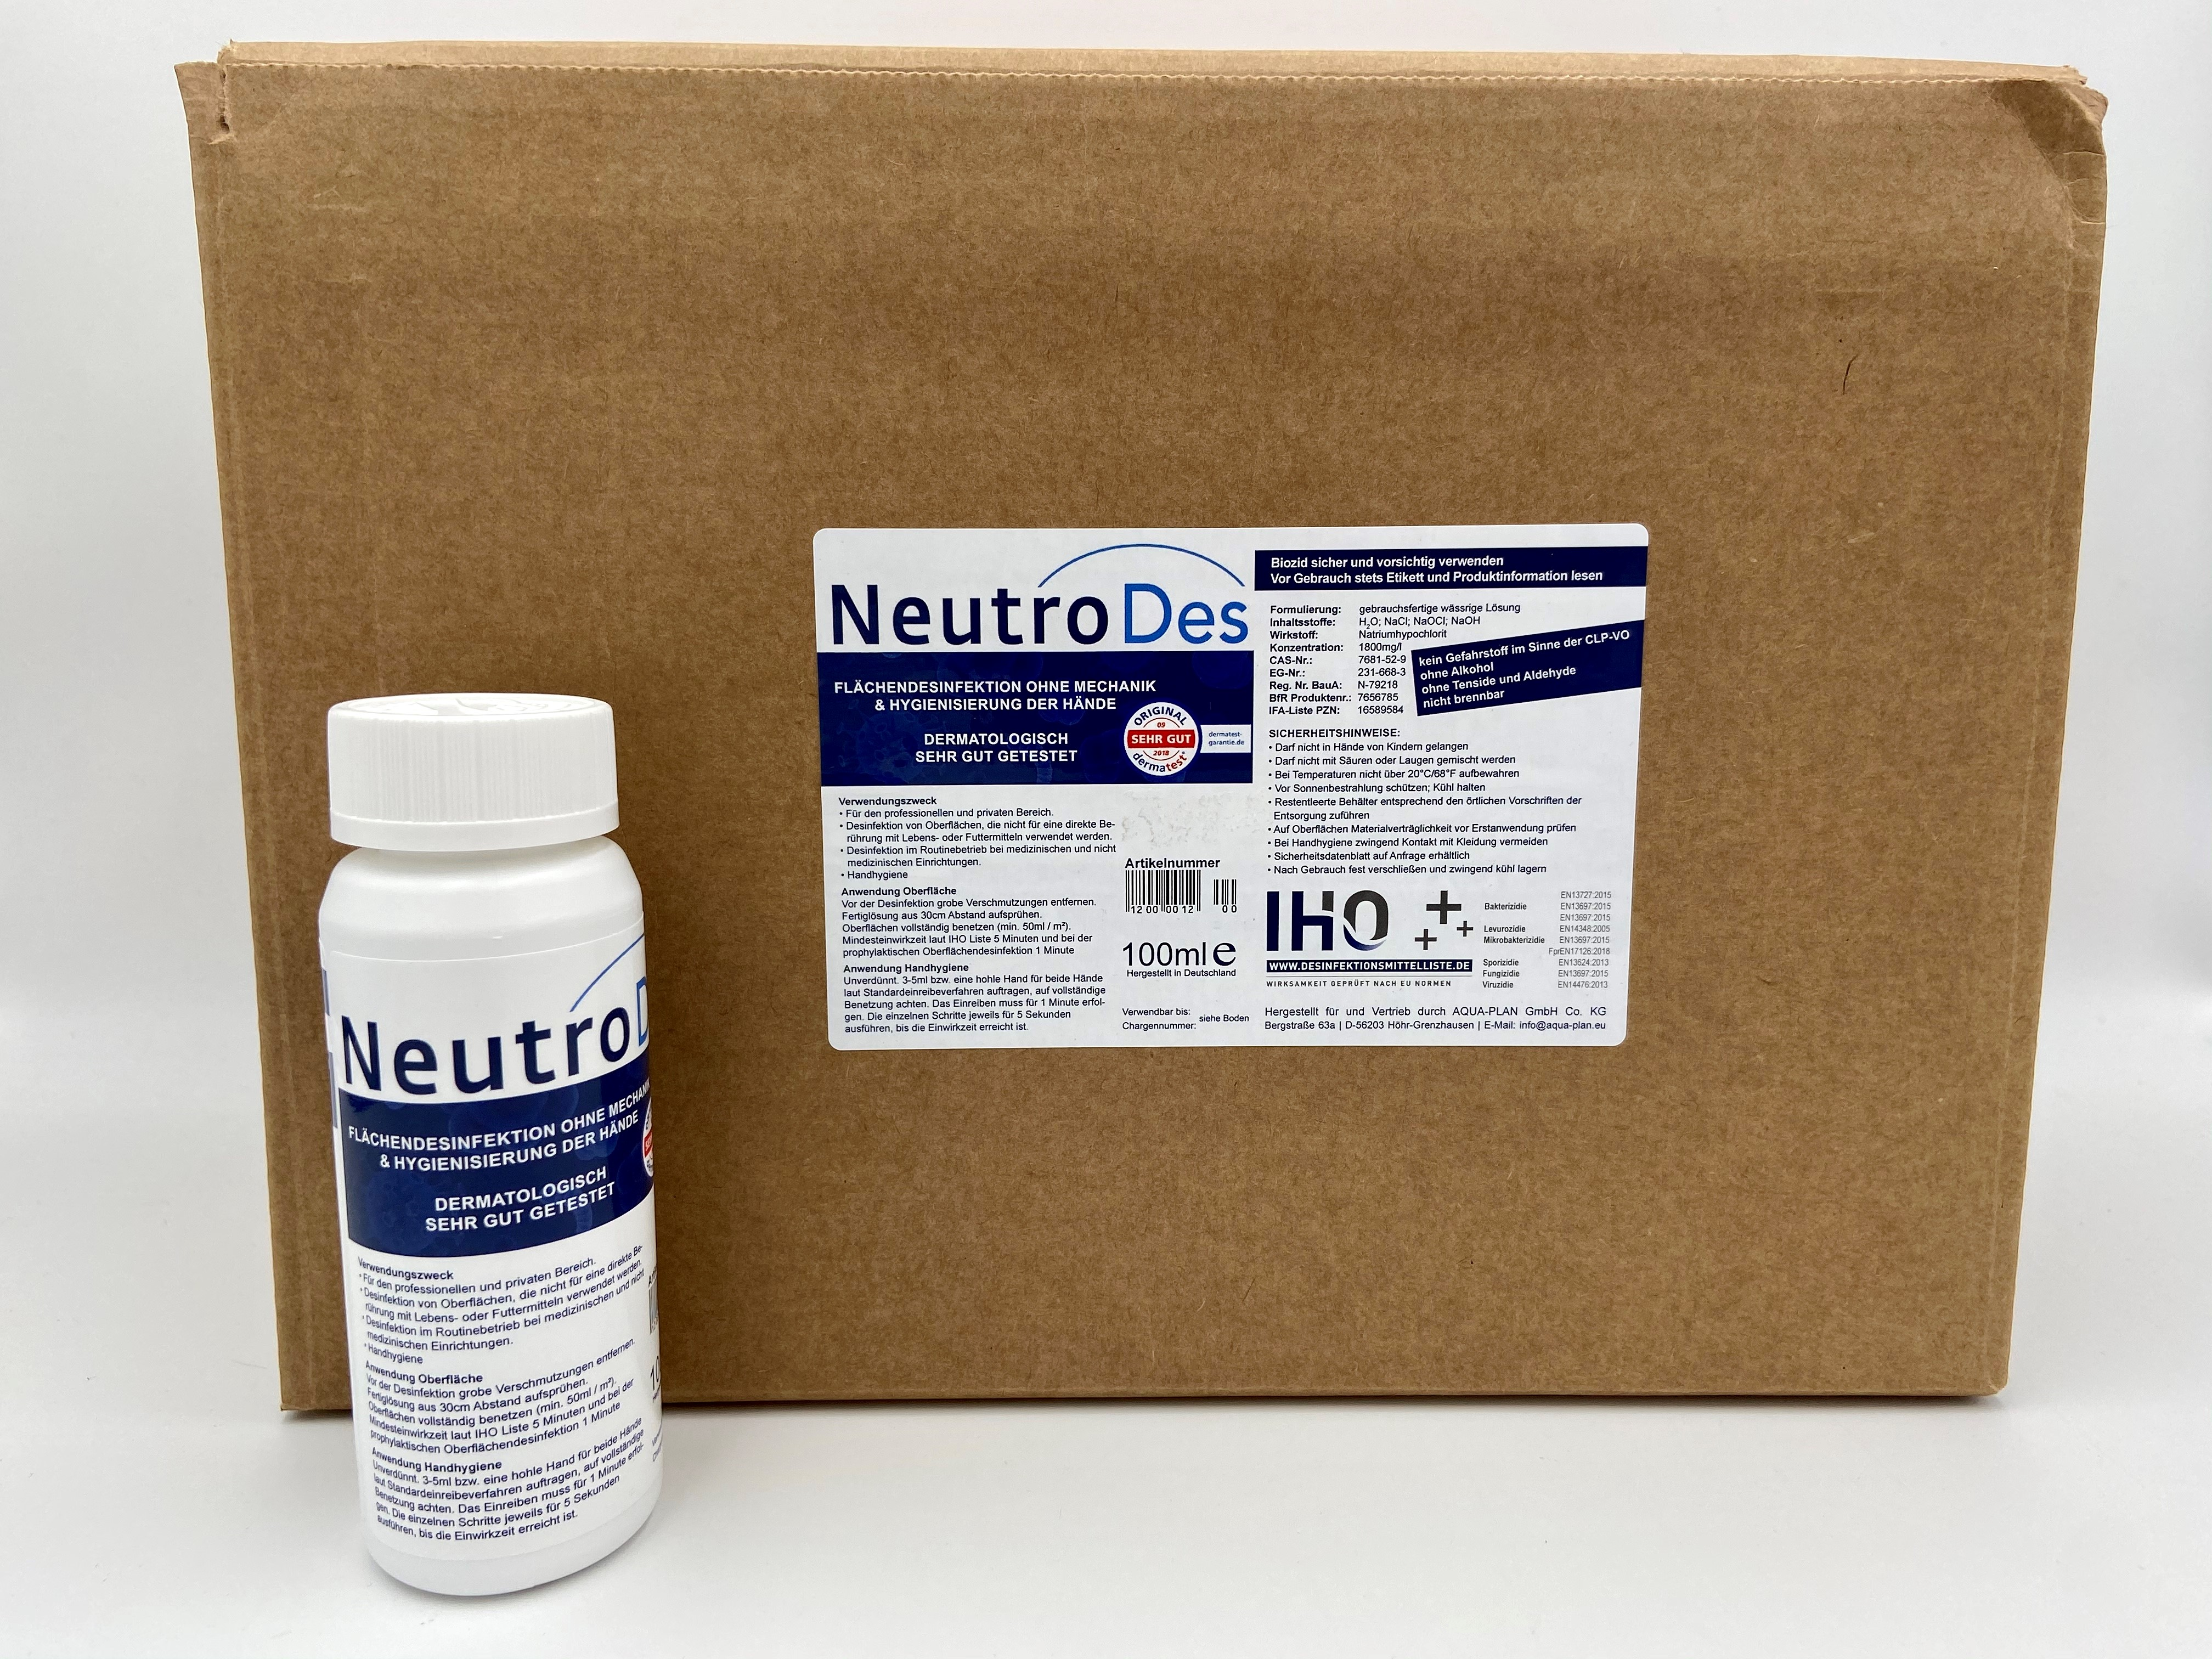 NeutroDes 100 ml, Oberflächendesinfektionsmittel mit Händehygienisierung 100ml Drück- Drehverschluss